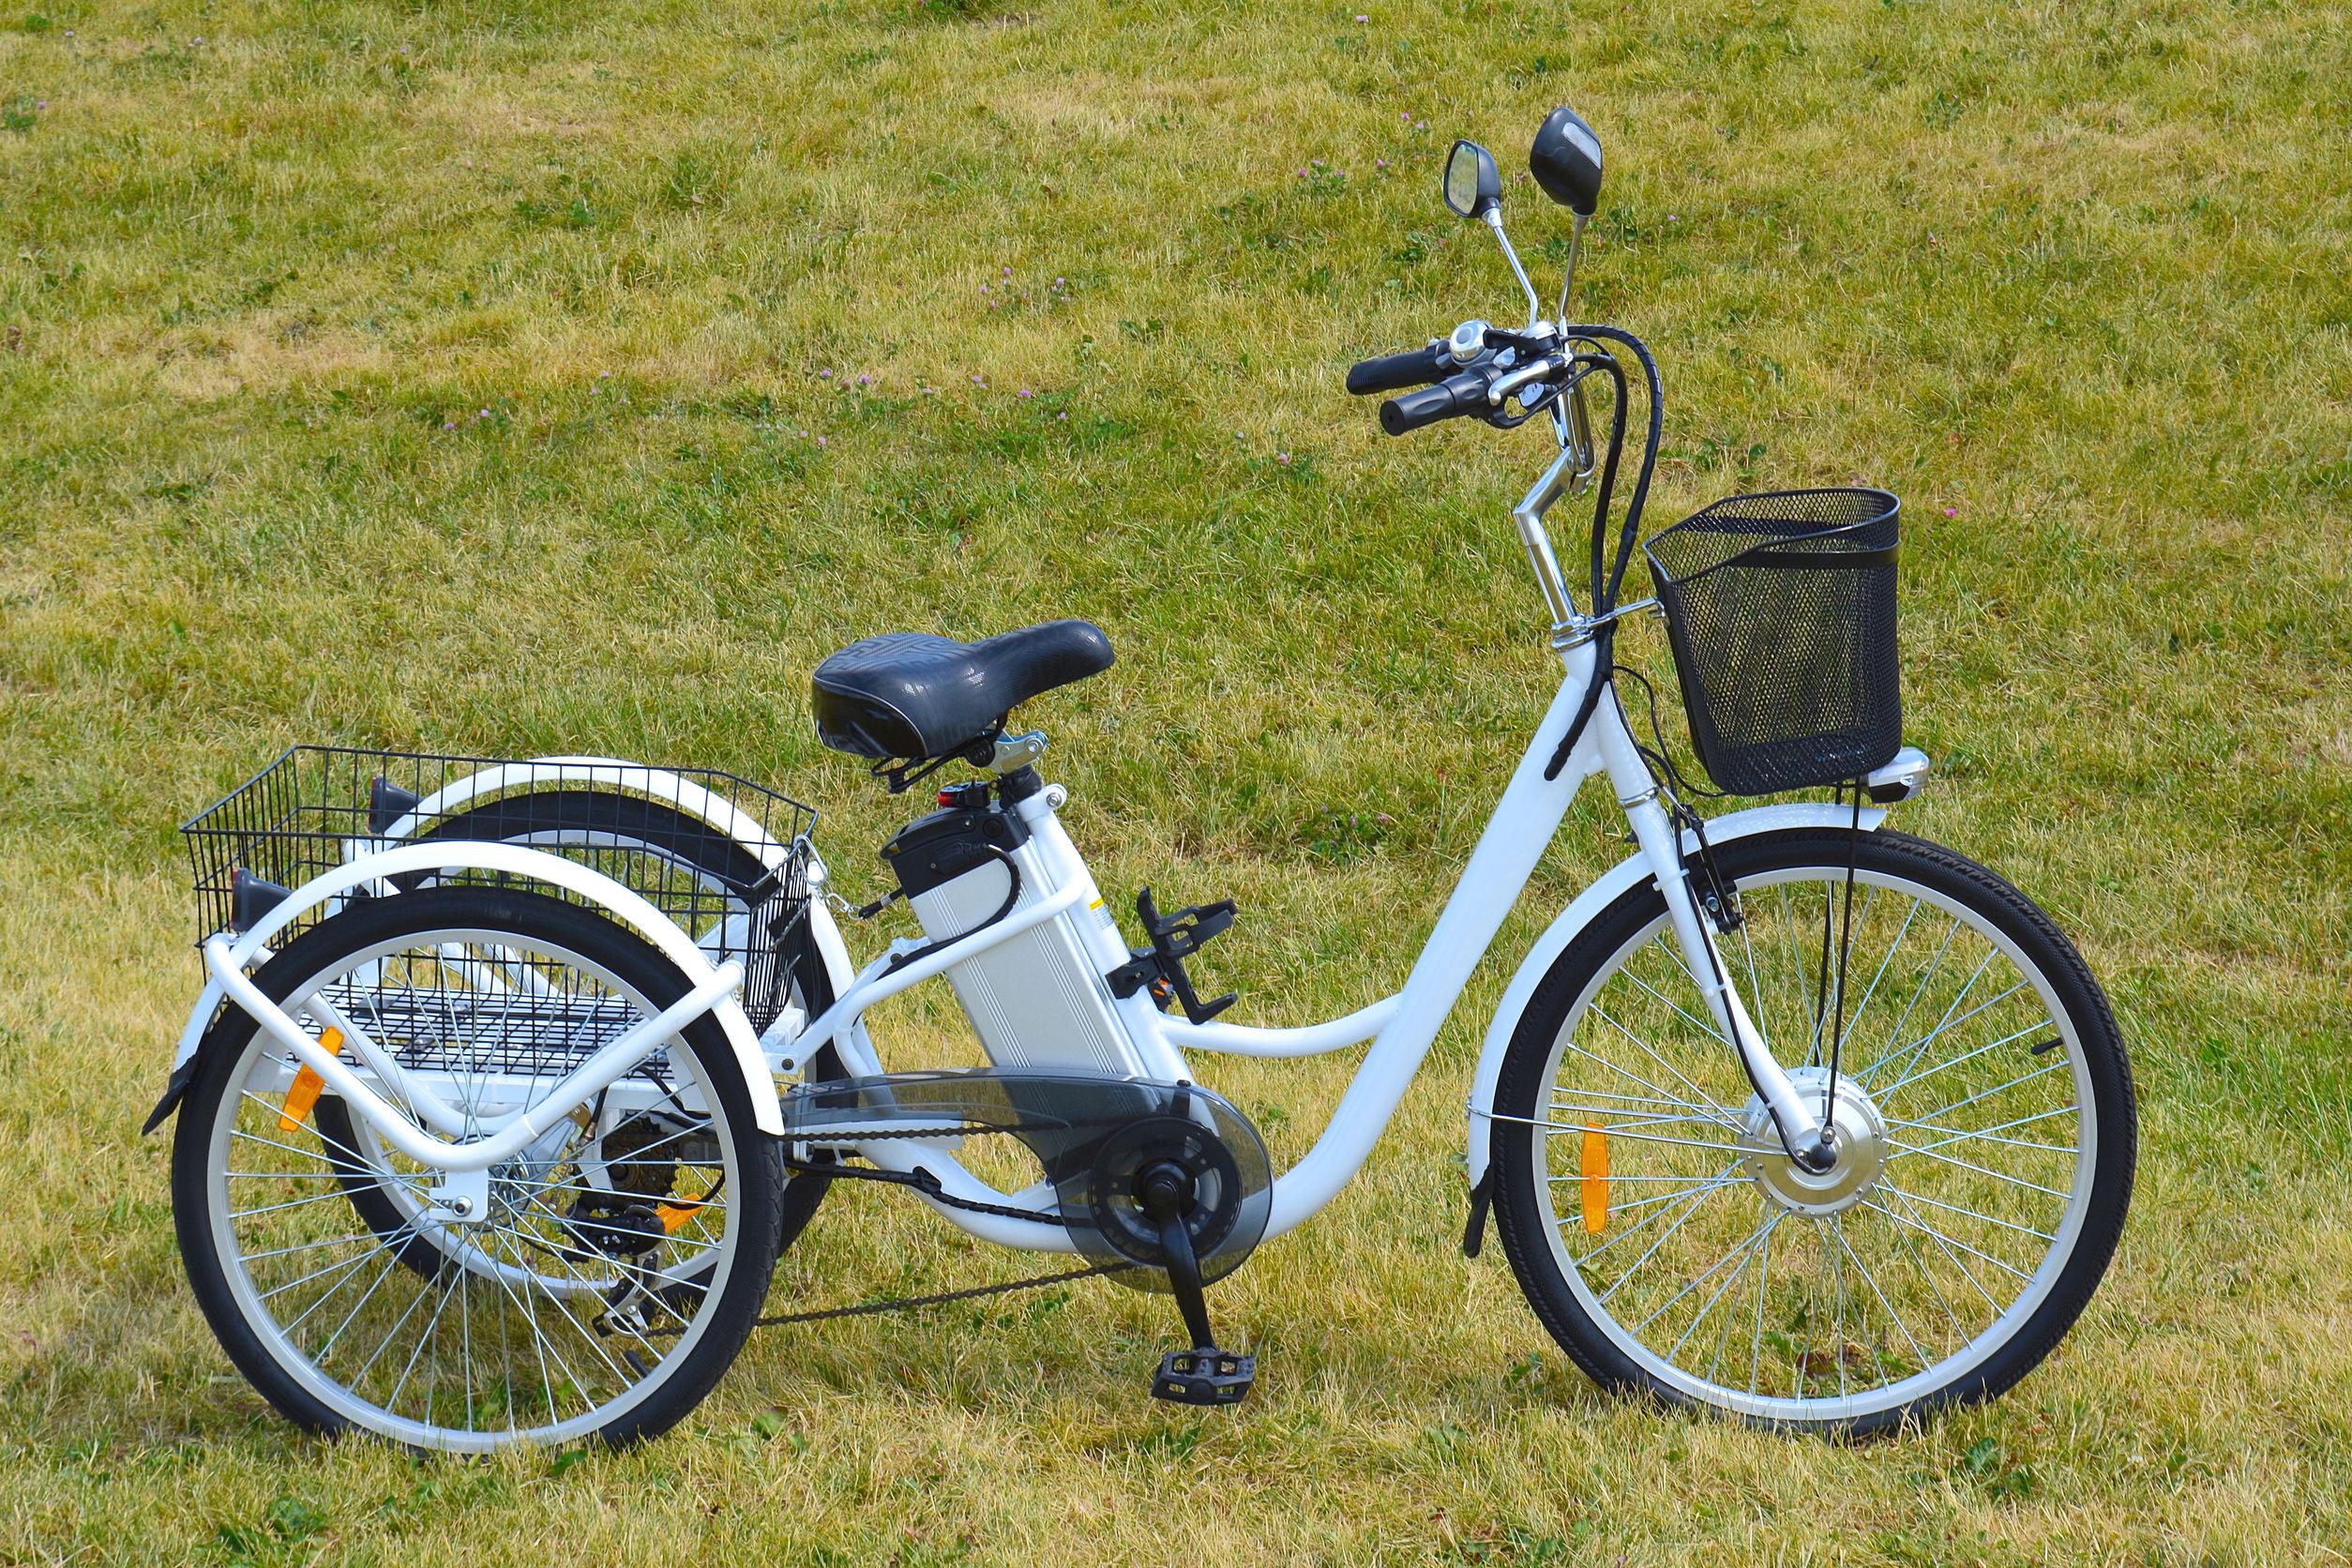 Bicicleta eléctrica: ¿Cuál es la mejor del 2020?